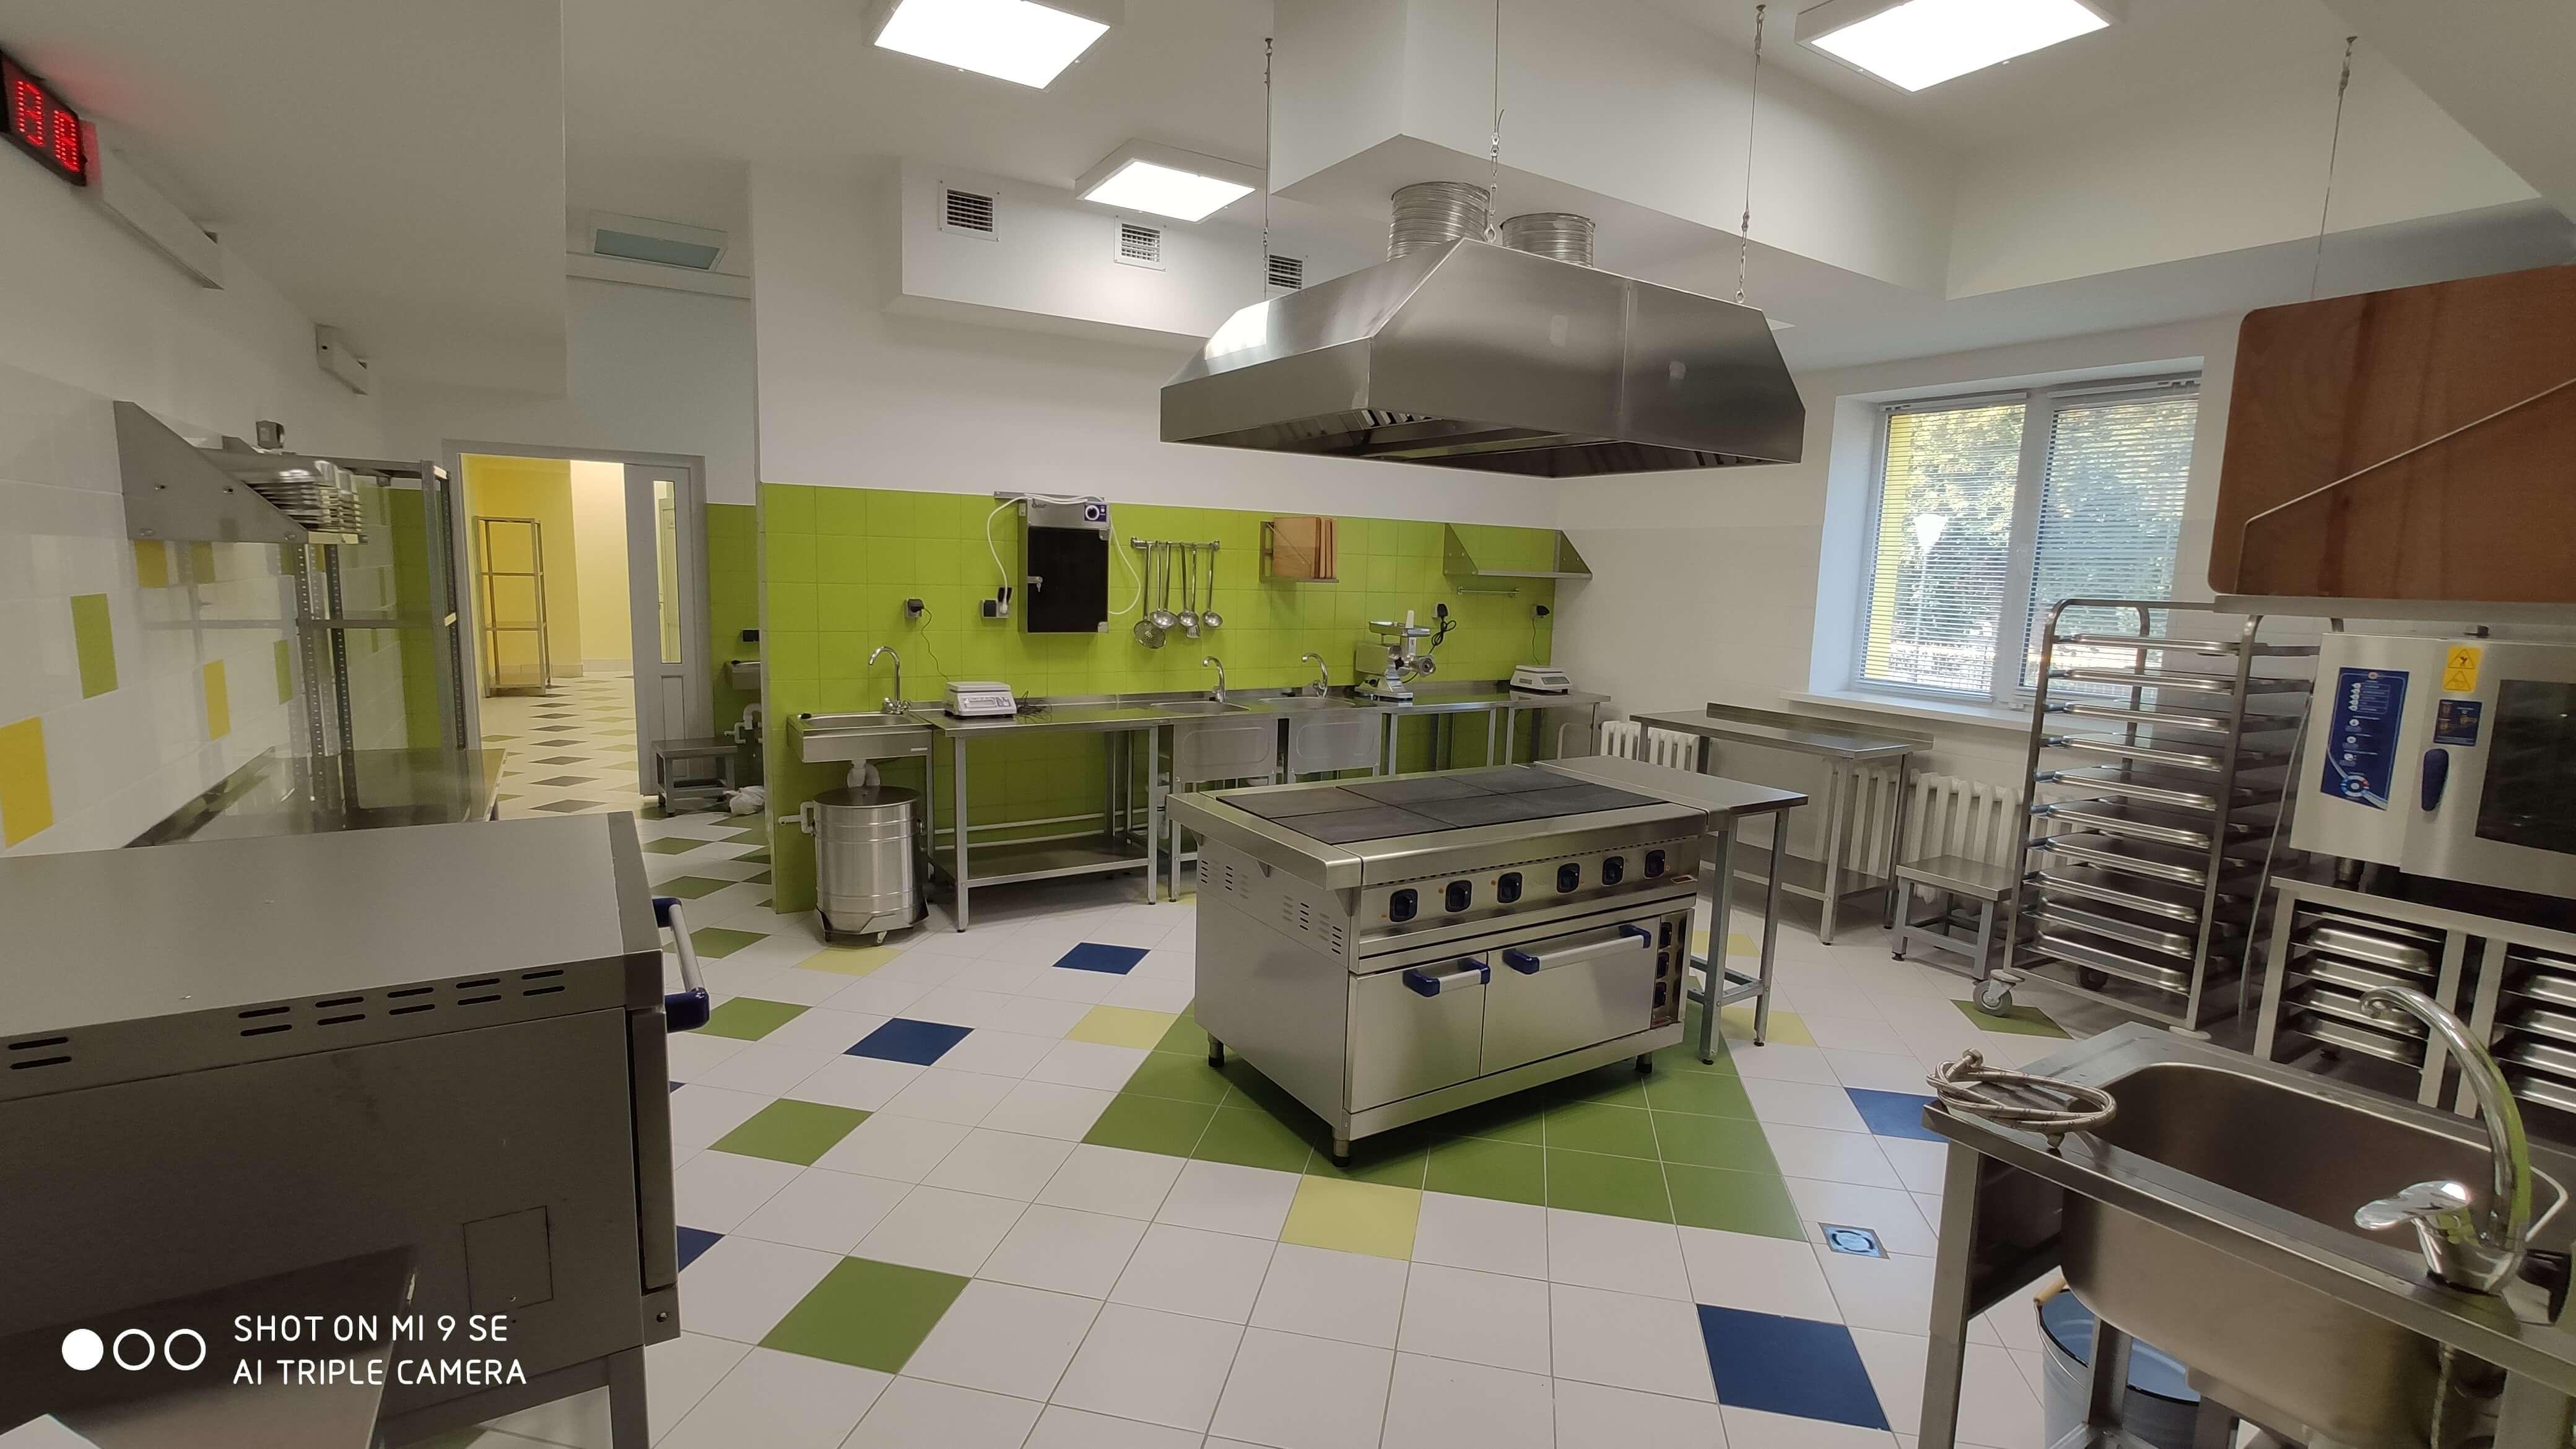 Проект пищеблока и прачечной для детского сада «Вишенка» в г. Уварово Тамбовский области